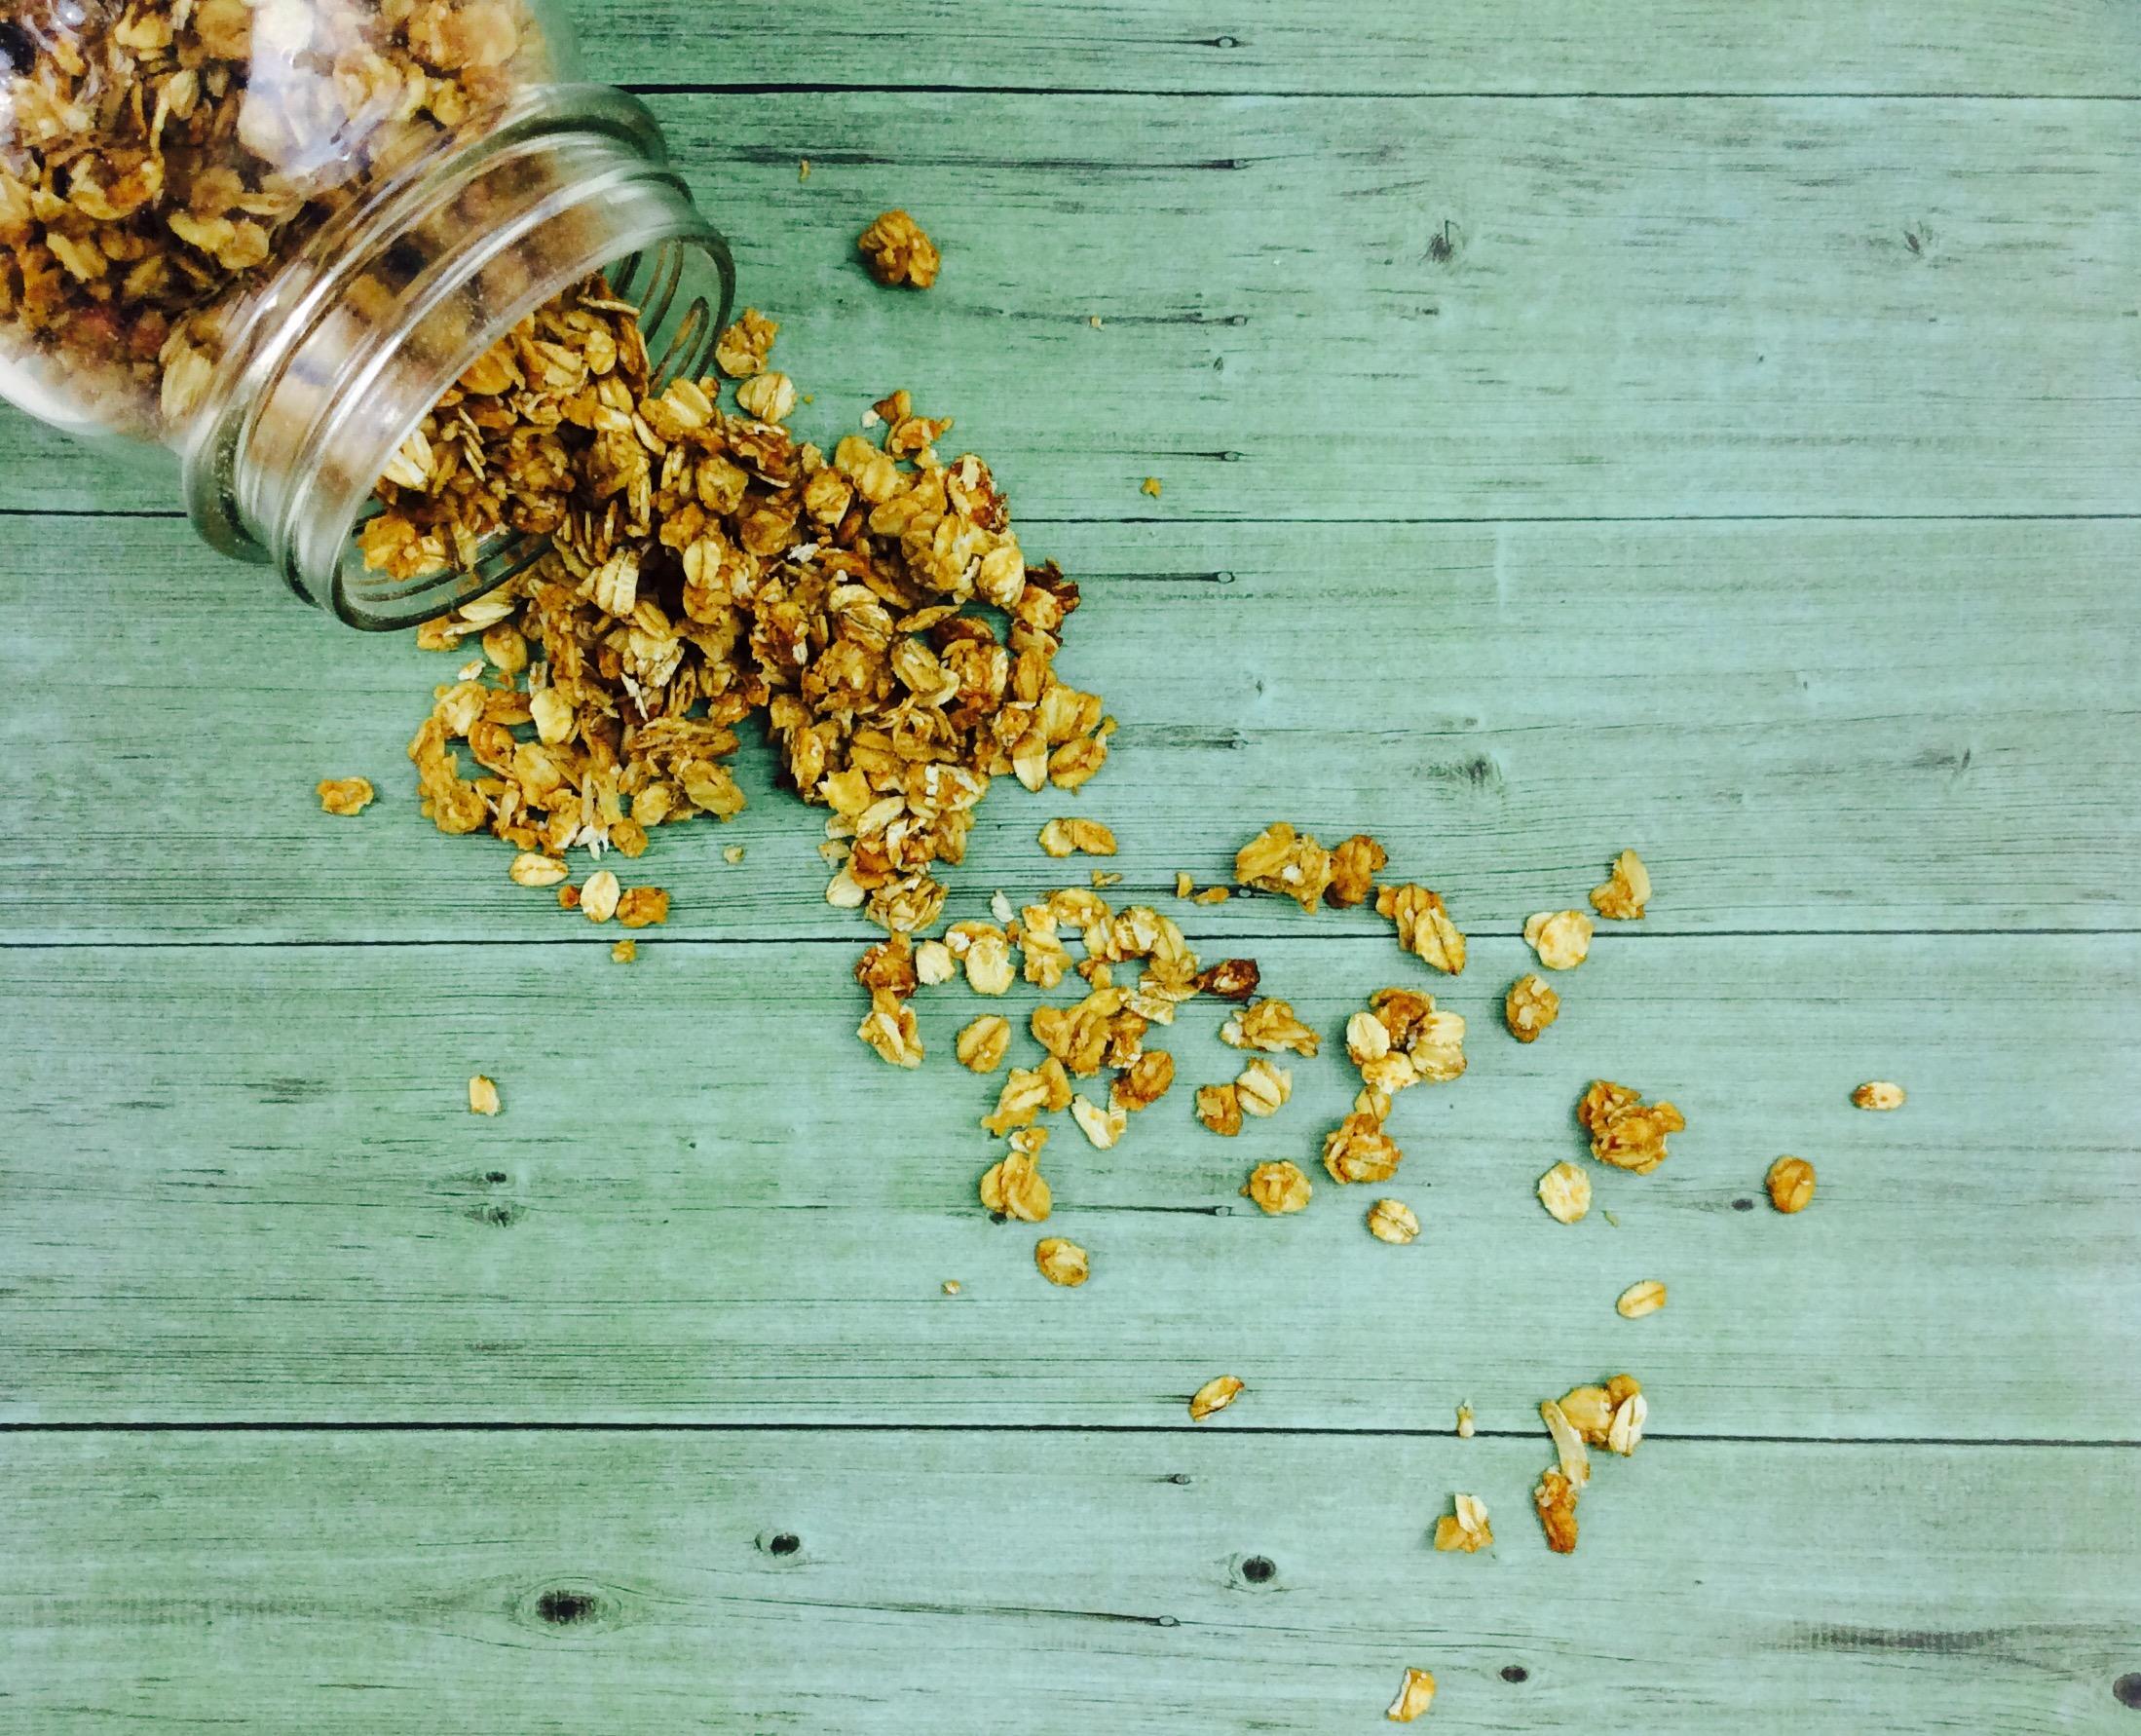 receta-granola-avena-cacahuete-miel-ido